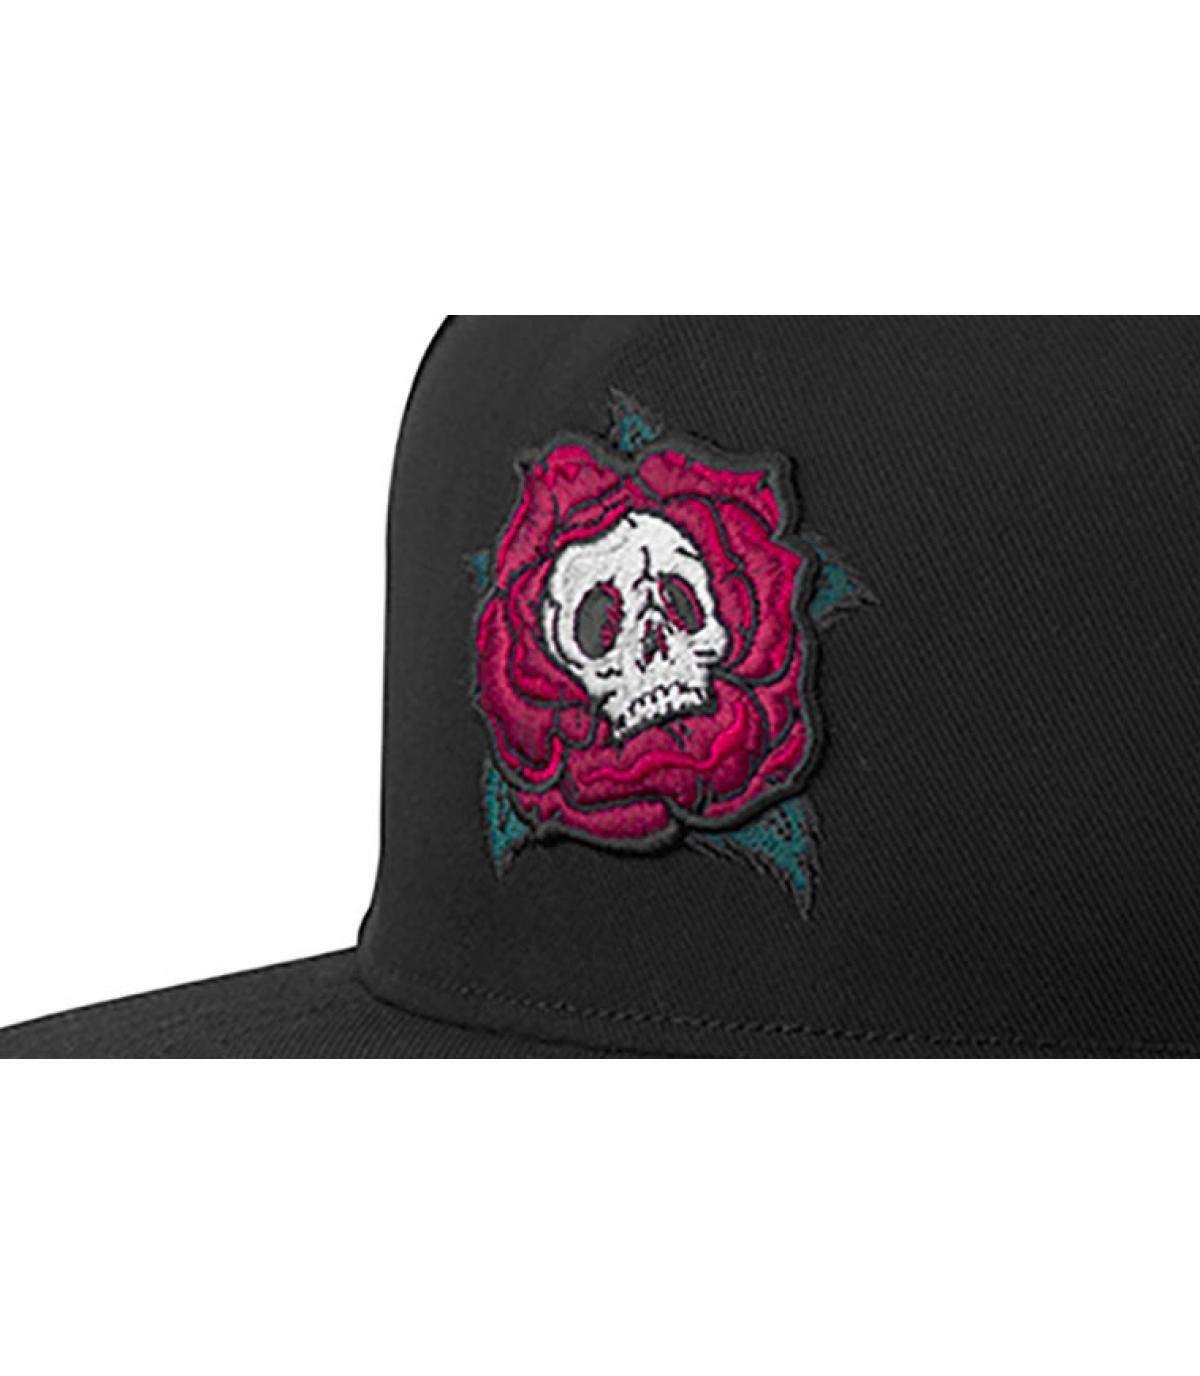 Détails Death Rose Snapback black - image 3